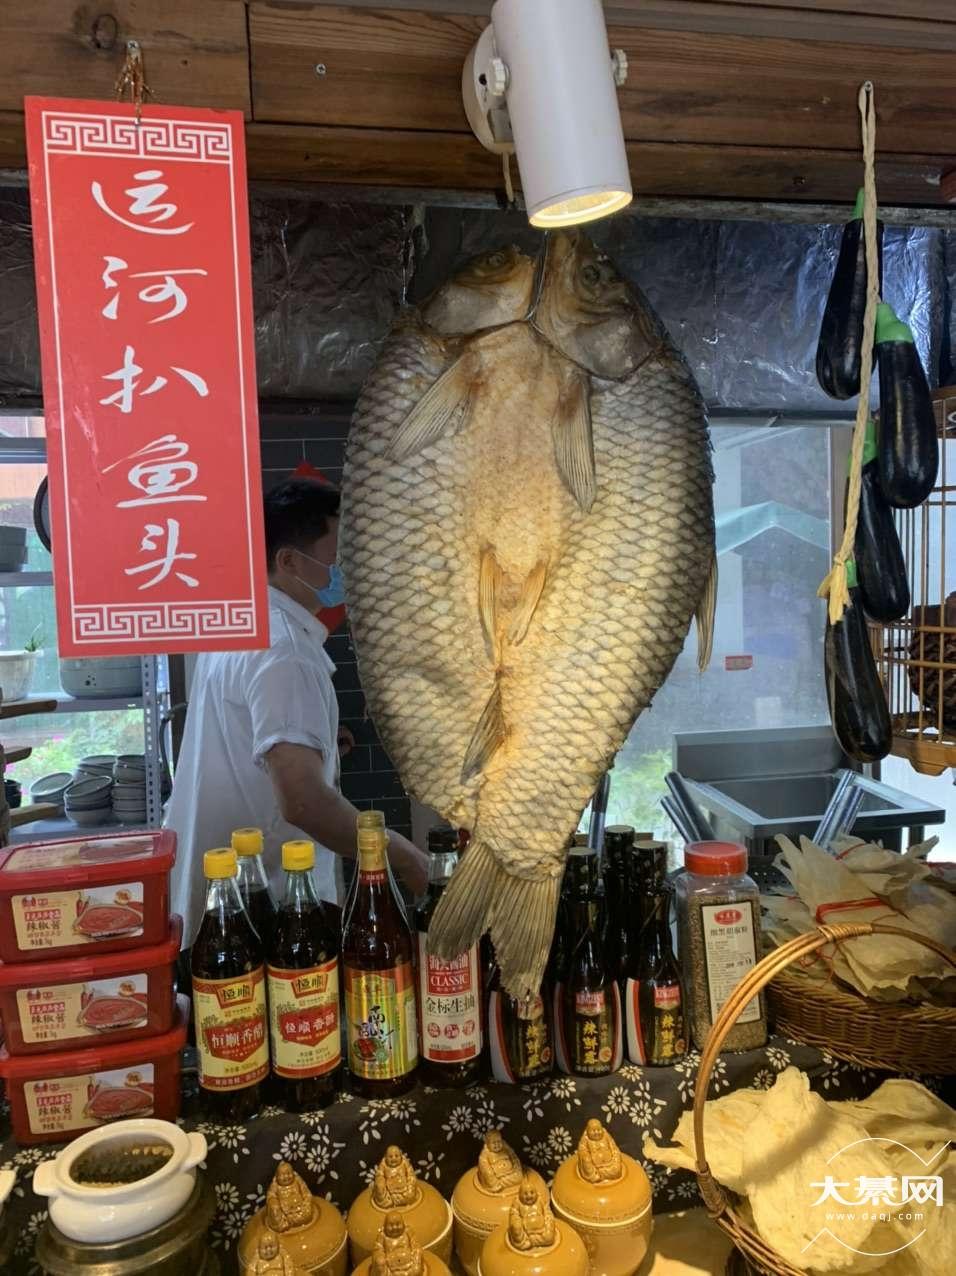 我还以为是假的呢!惊呆我了!这是啥品种的鱼?